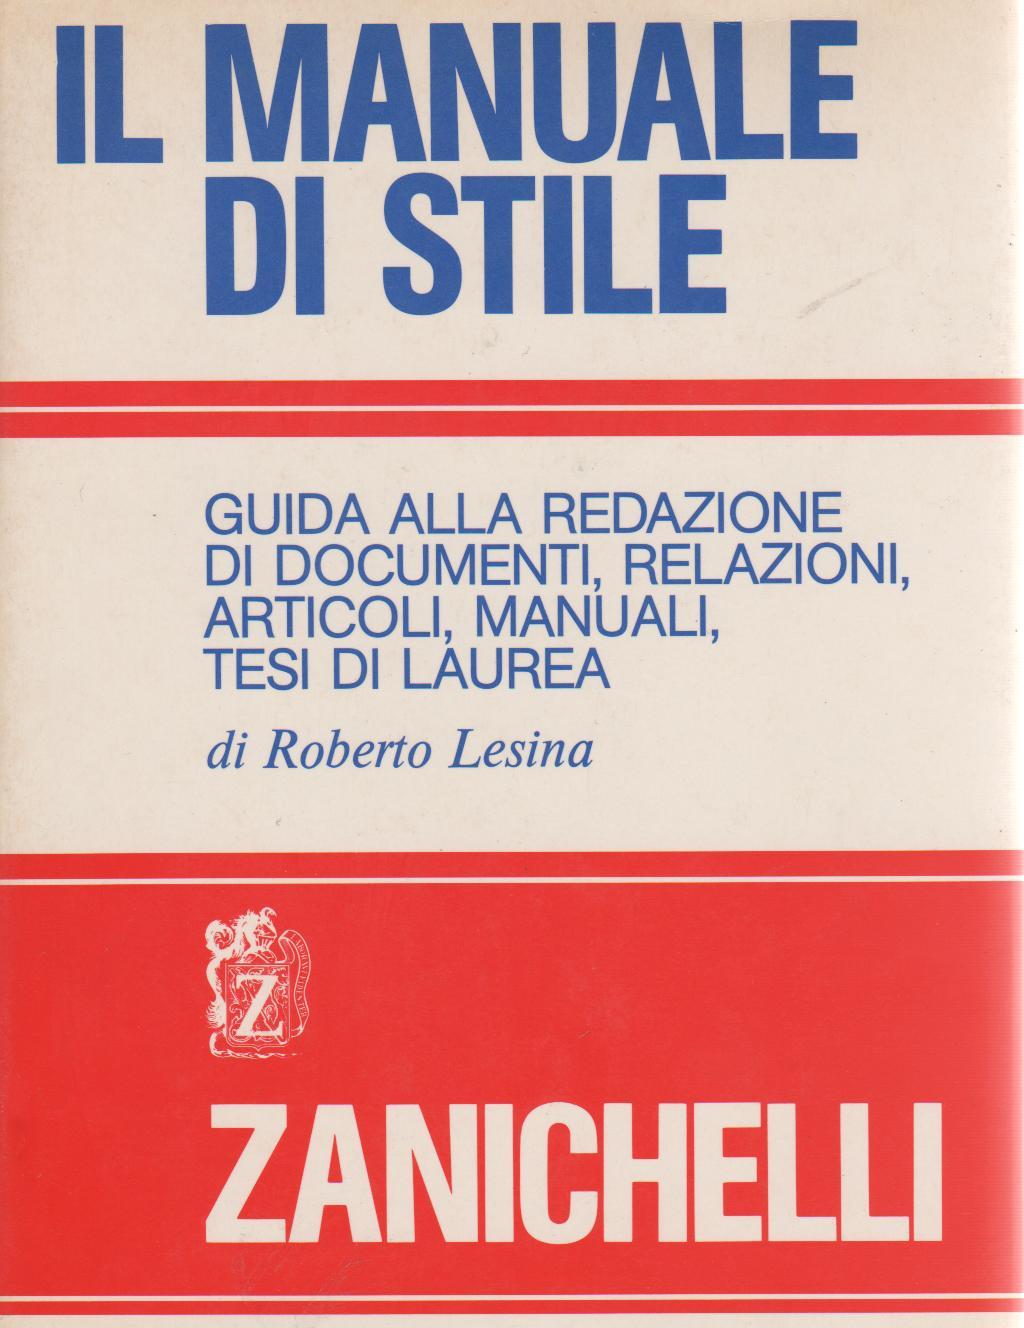 Il manuale di stile